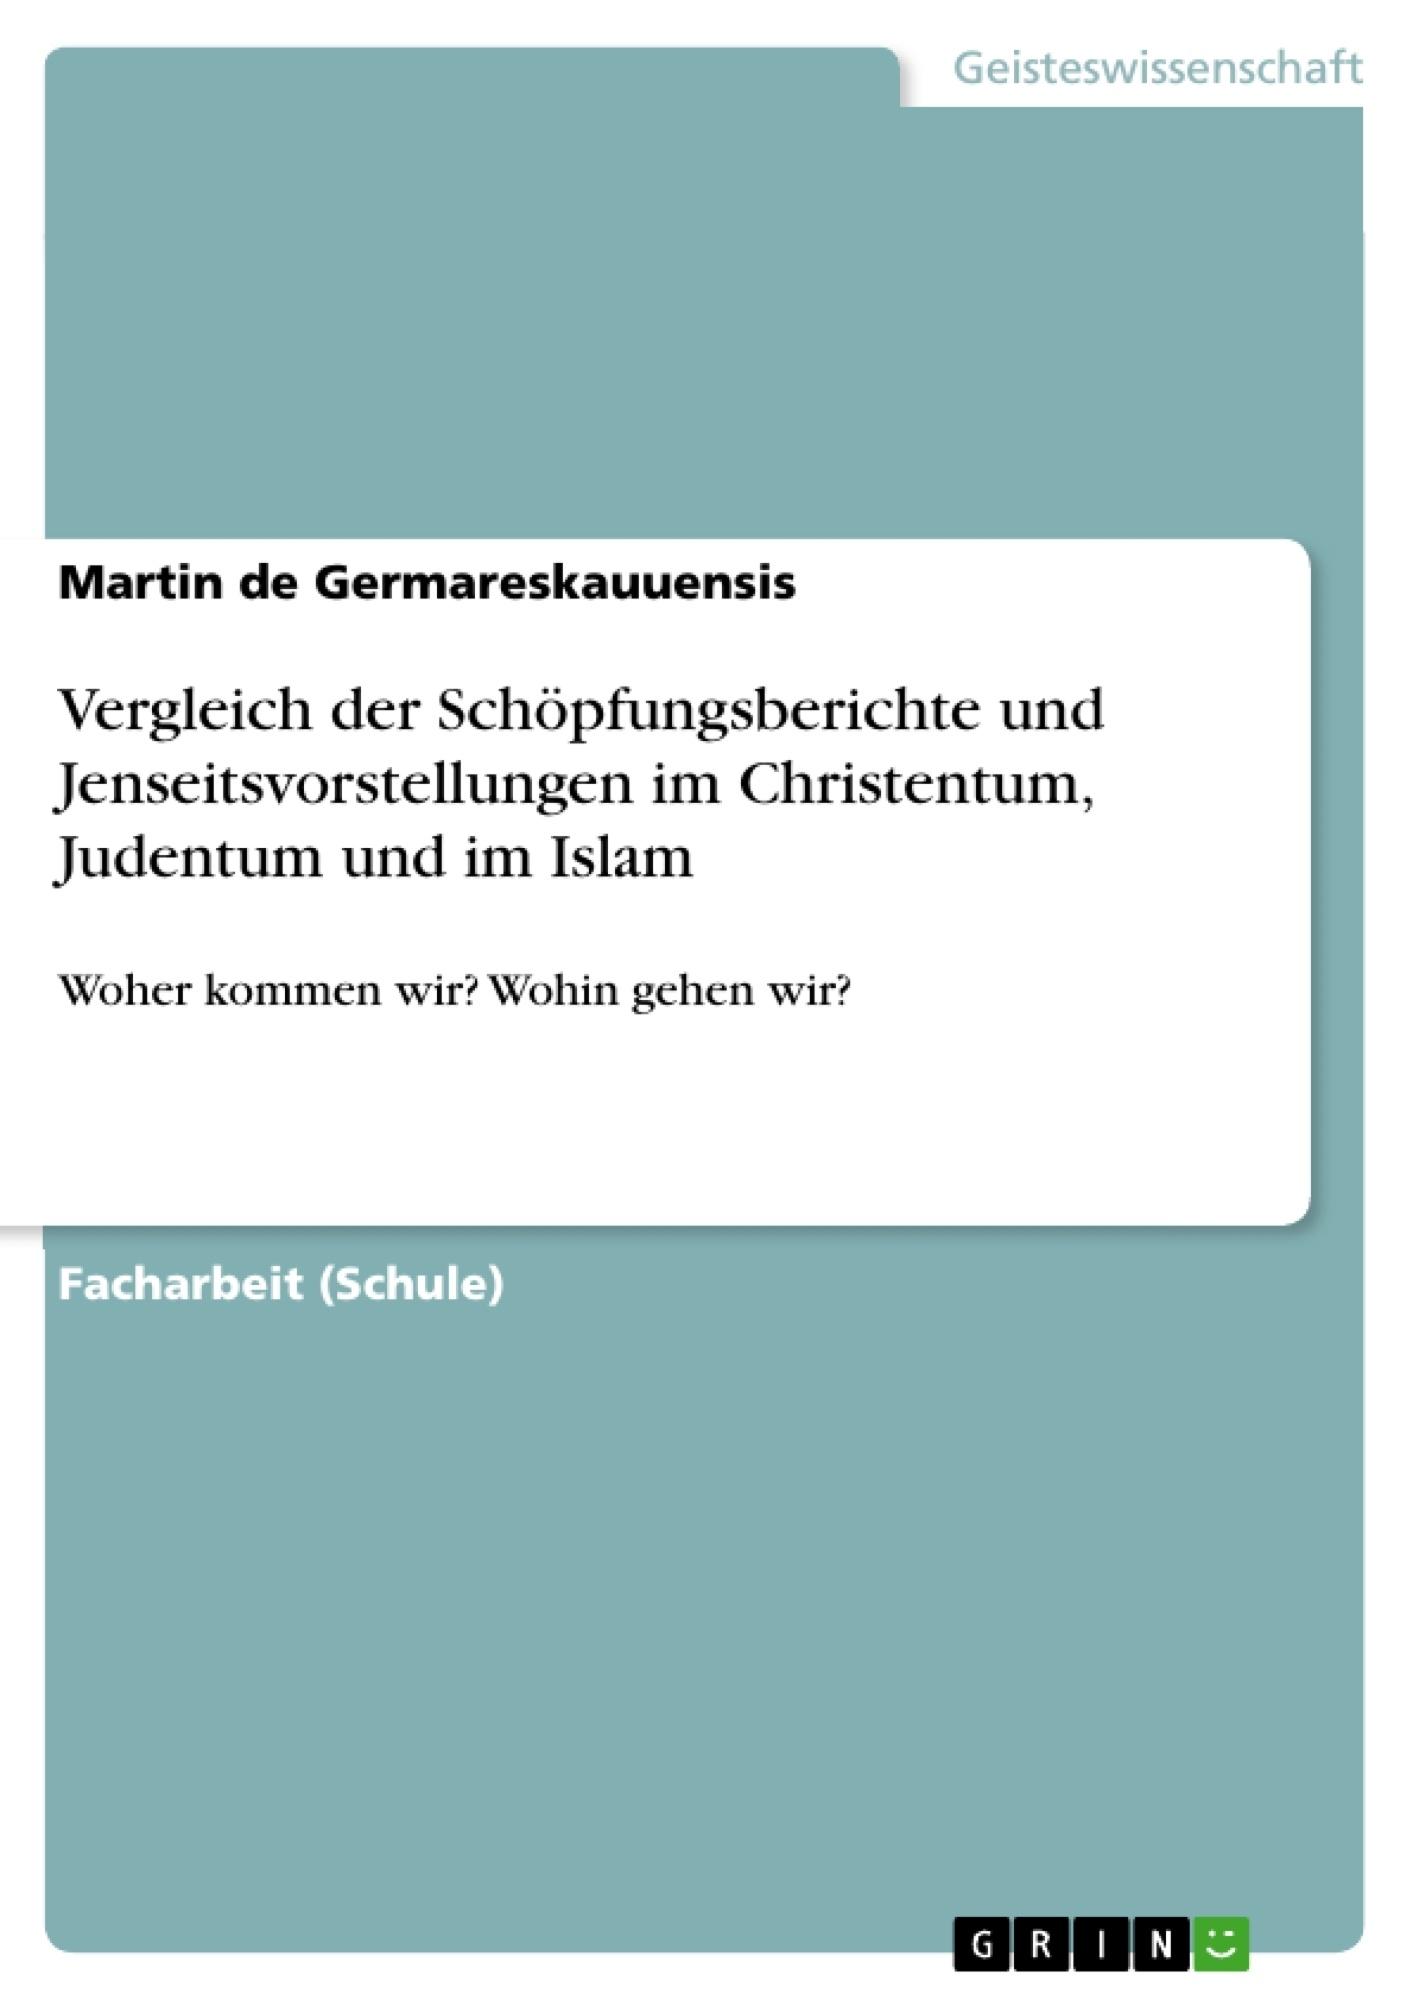 Titel: Vergleich der Schöpfungsberichte und Jenseitsvorstellungen im Christentum, Judentum und im Islam